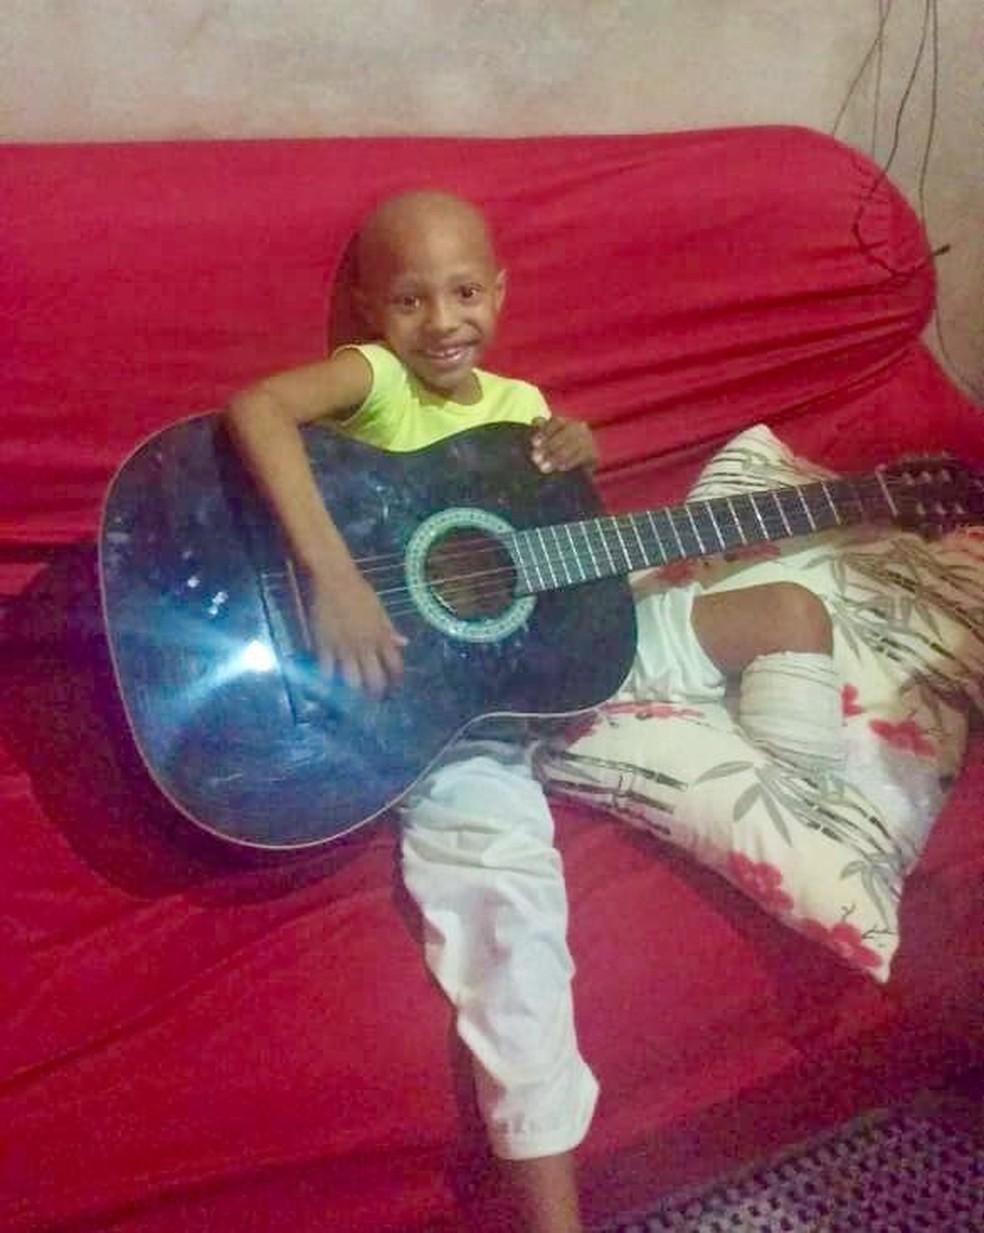 Menina teve diagnóstico de câncer no osso aos 2 anos em MS — Foto: Redes sociais/Reprodução